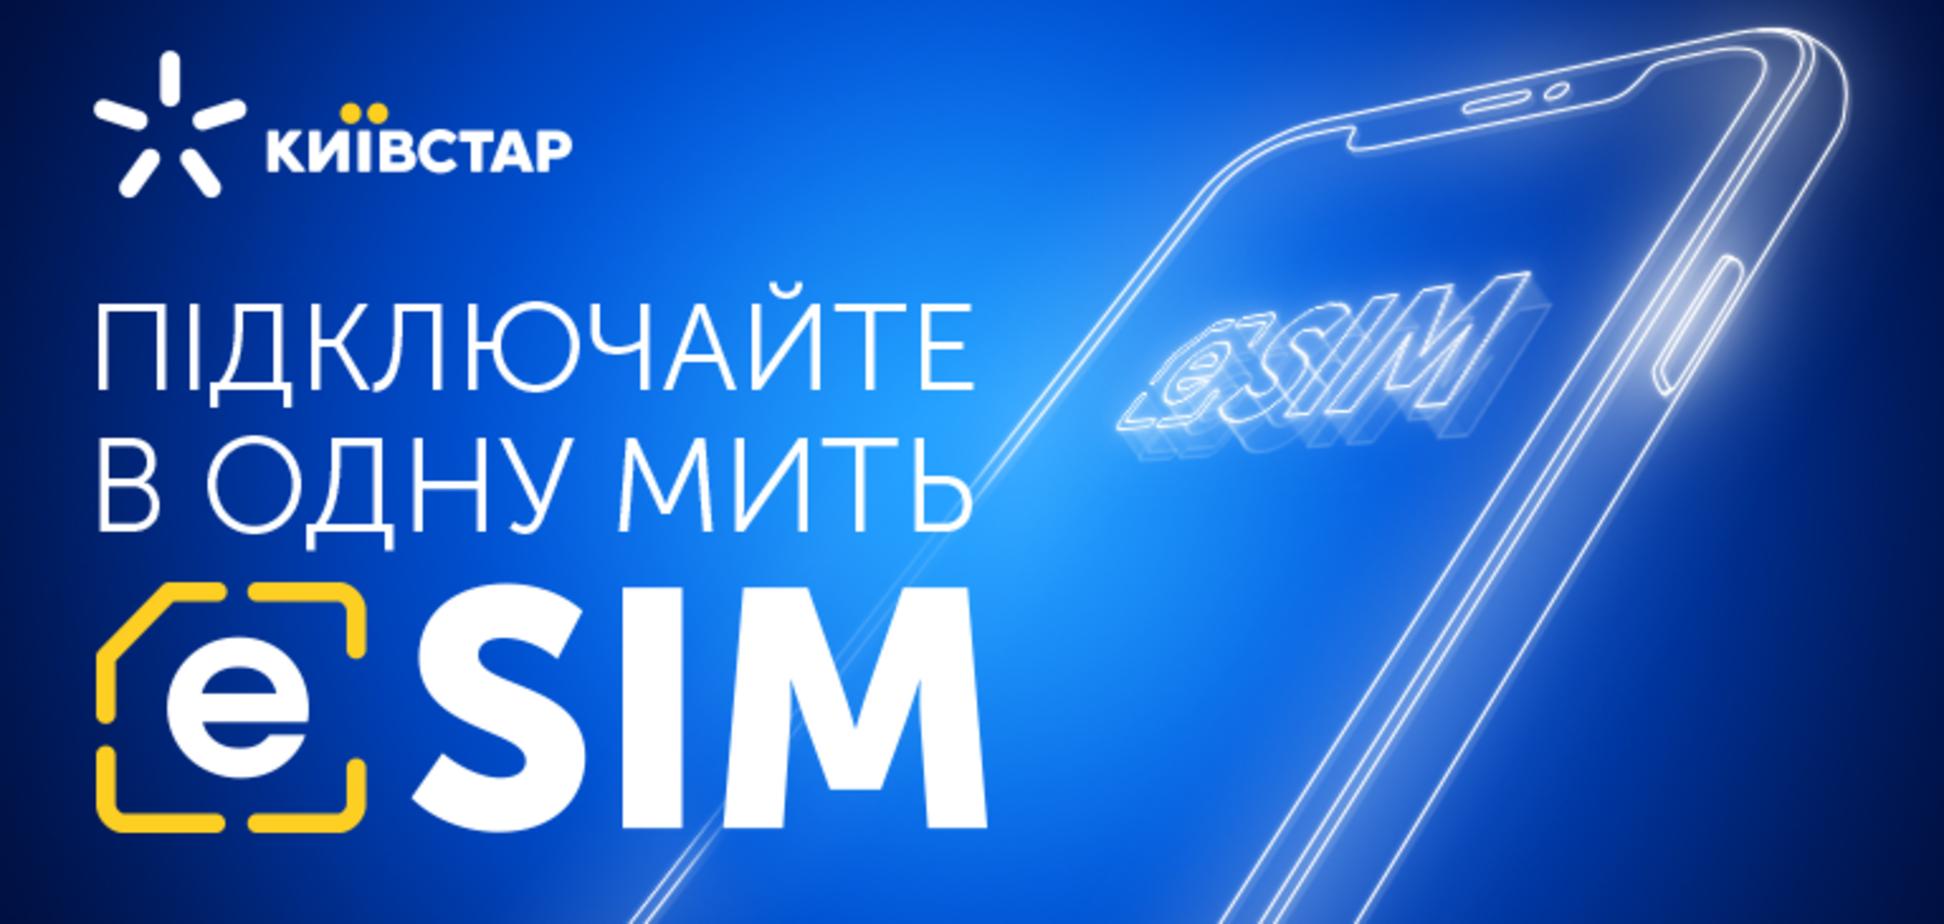 'Киевстар' запустил услугу eSIM